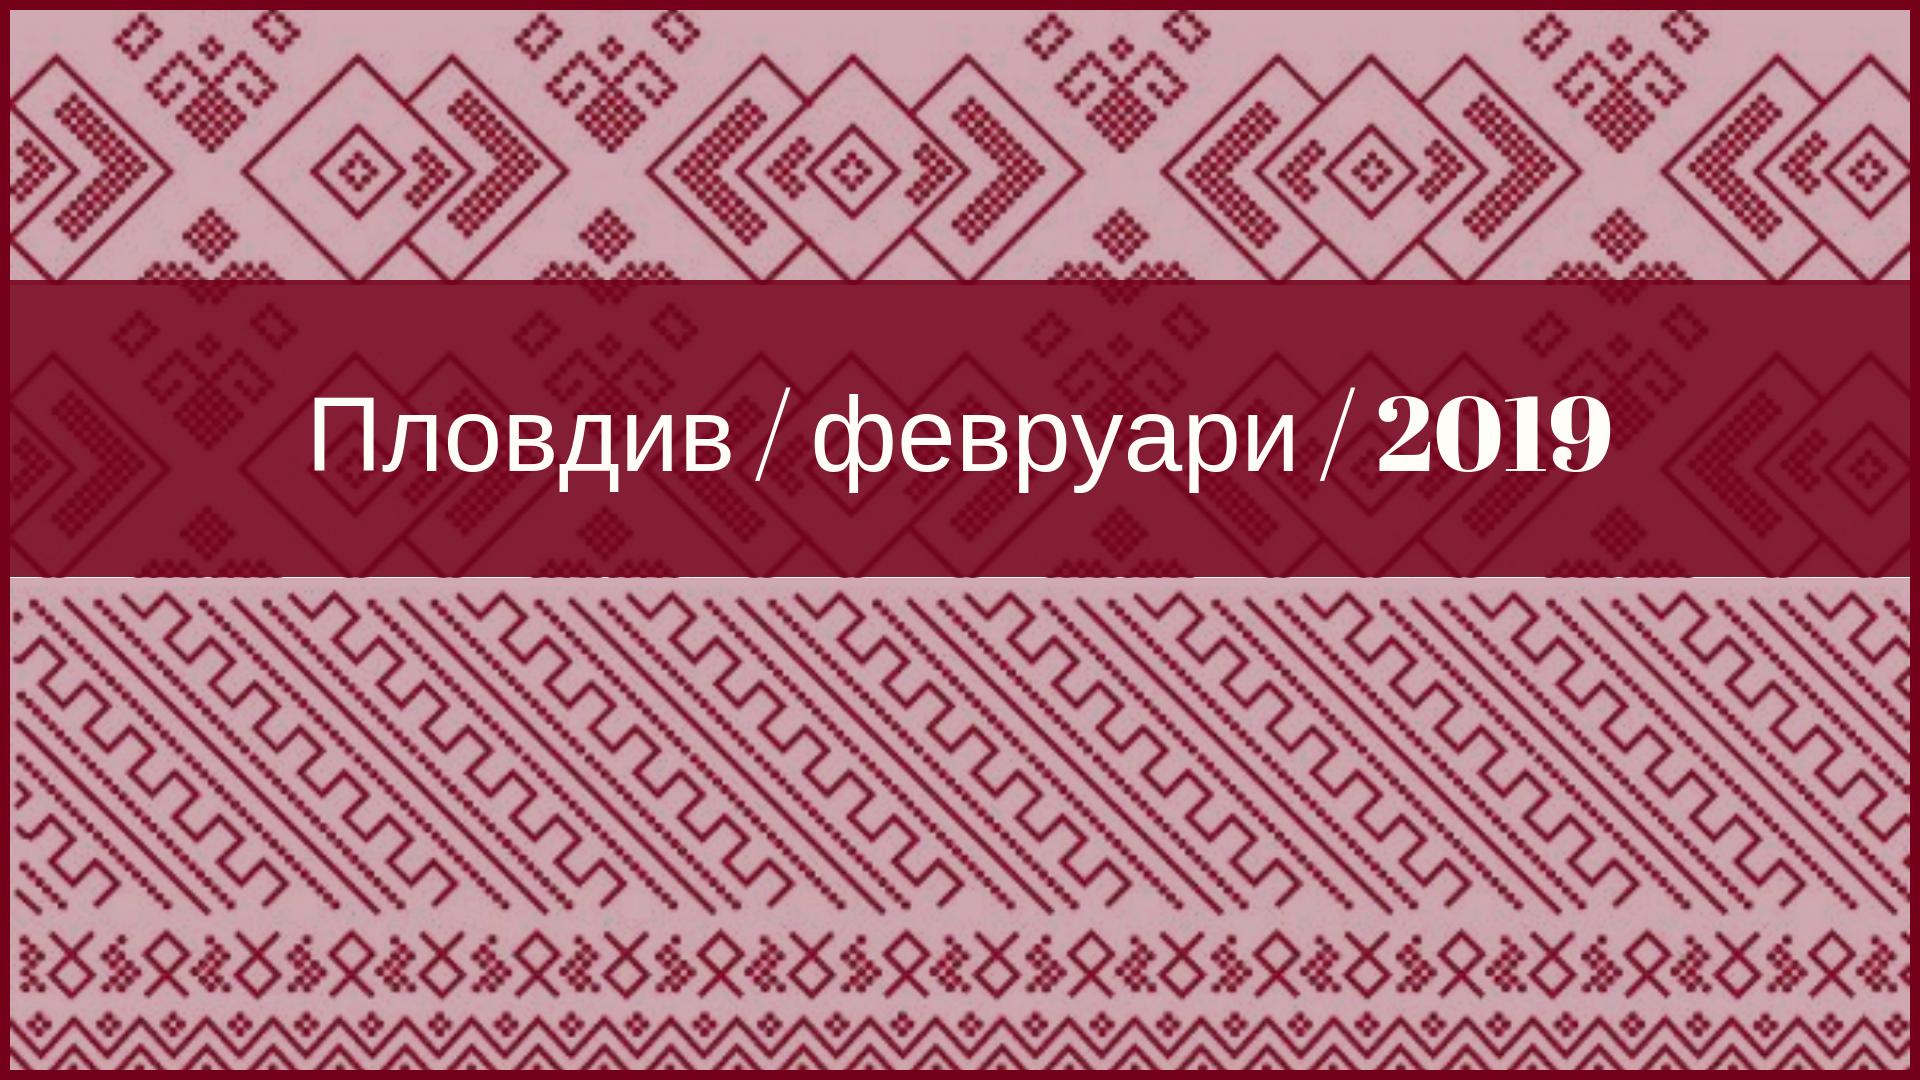 Photo for article in Нова зала в град Пловдив - Февруари 2019. Архив на новини за събития на школата по танци Гайтани